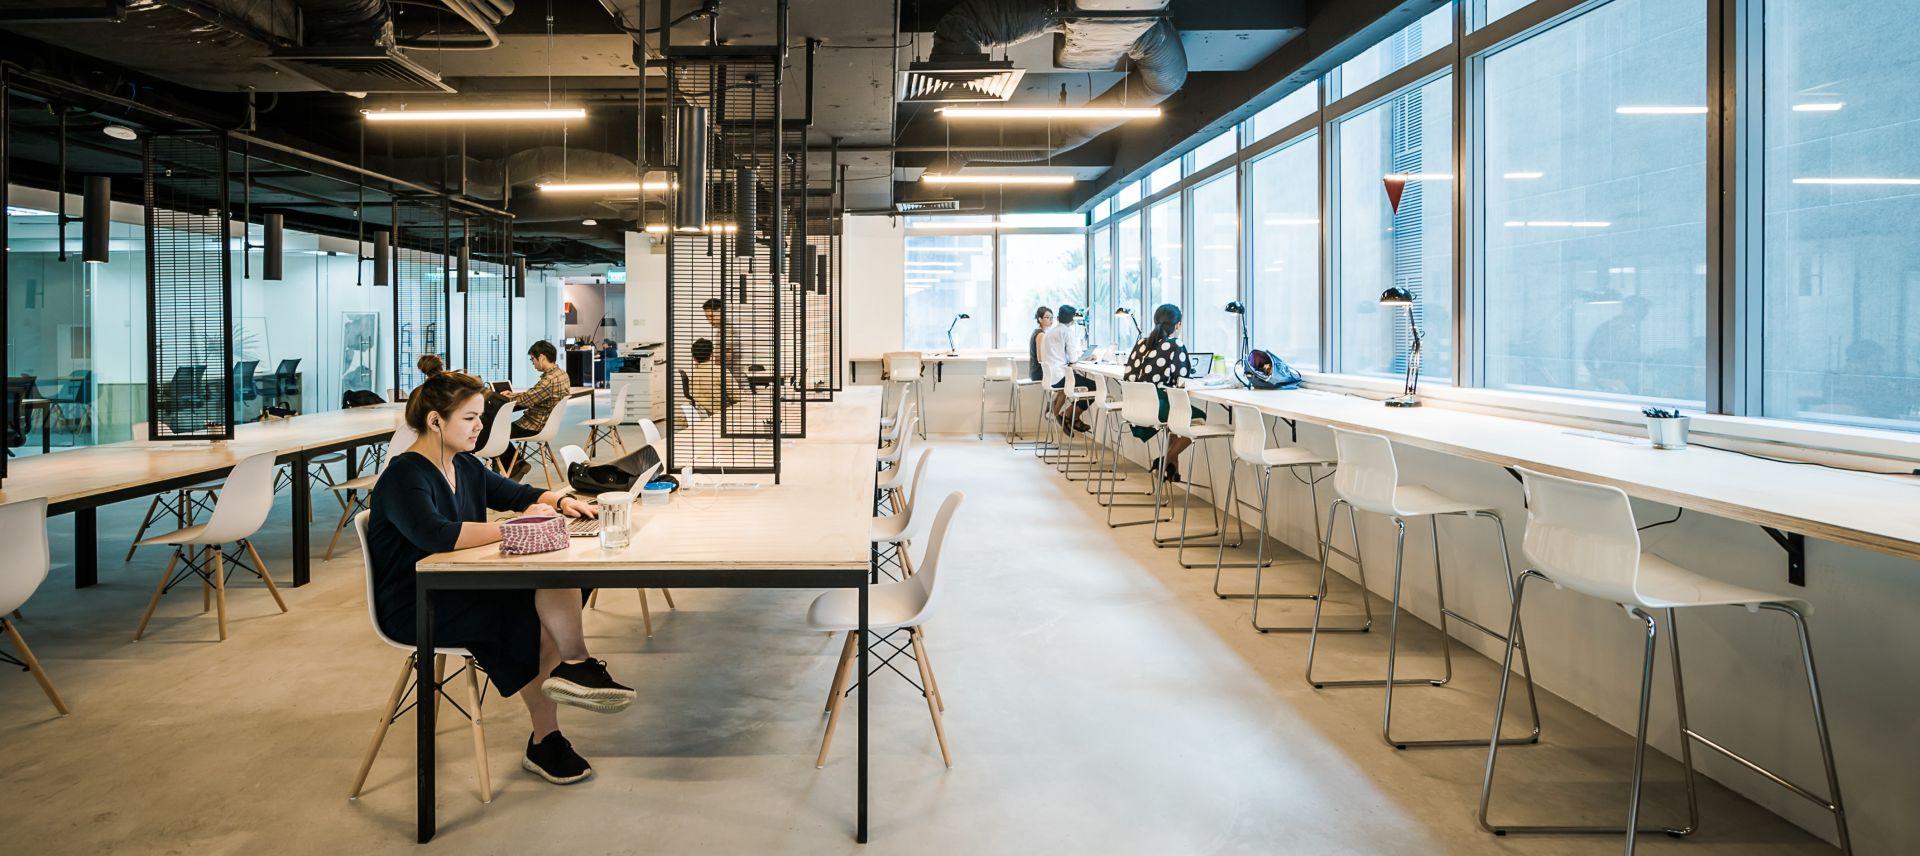 The Company, Singapore